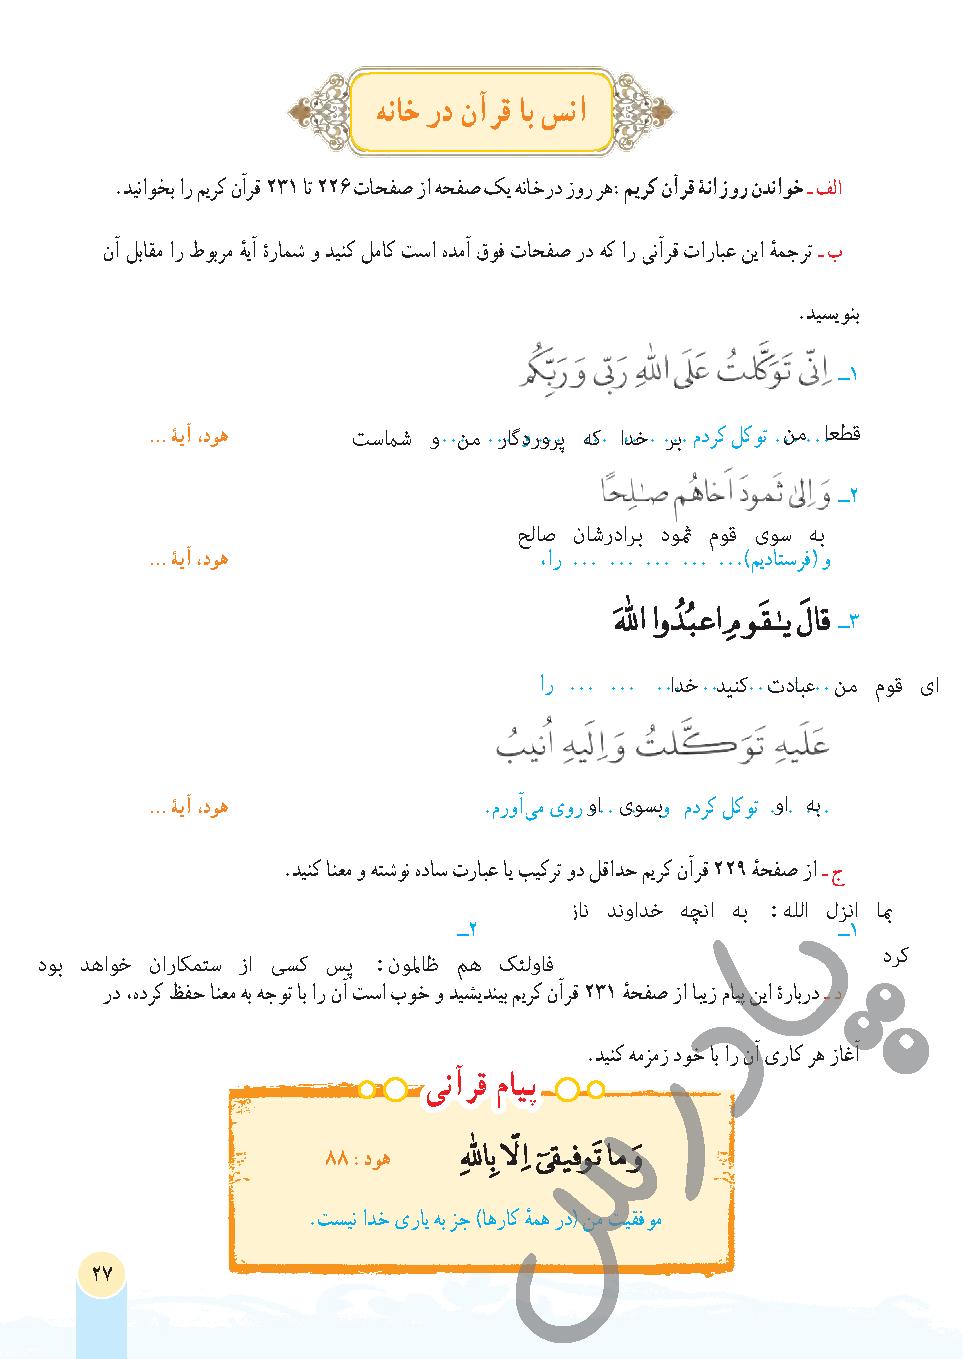 جواب انس با قرآن درس 2 قرآن هفتم - جلسه دوم